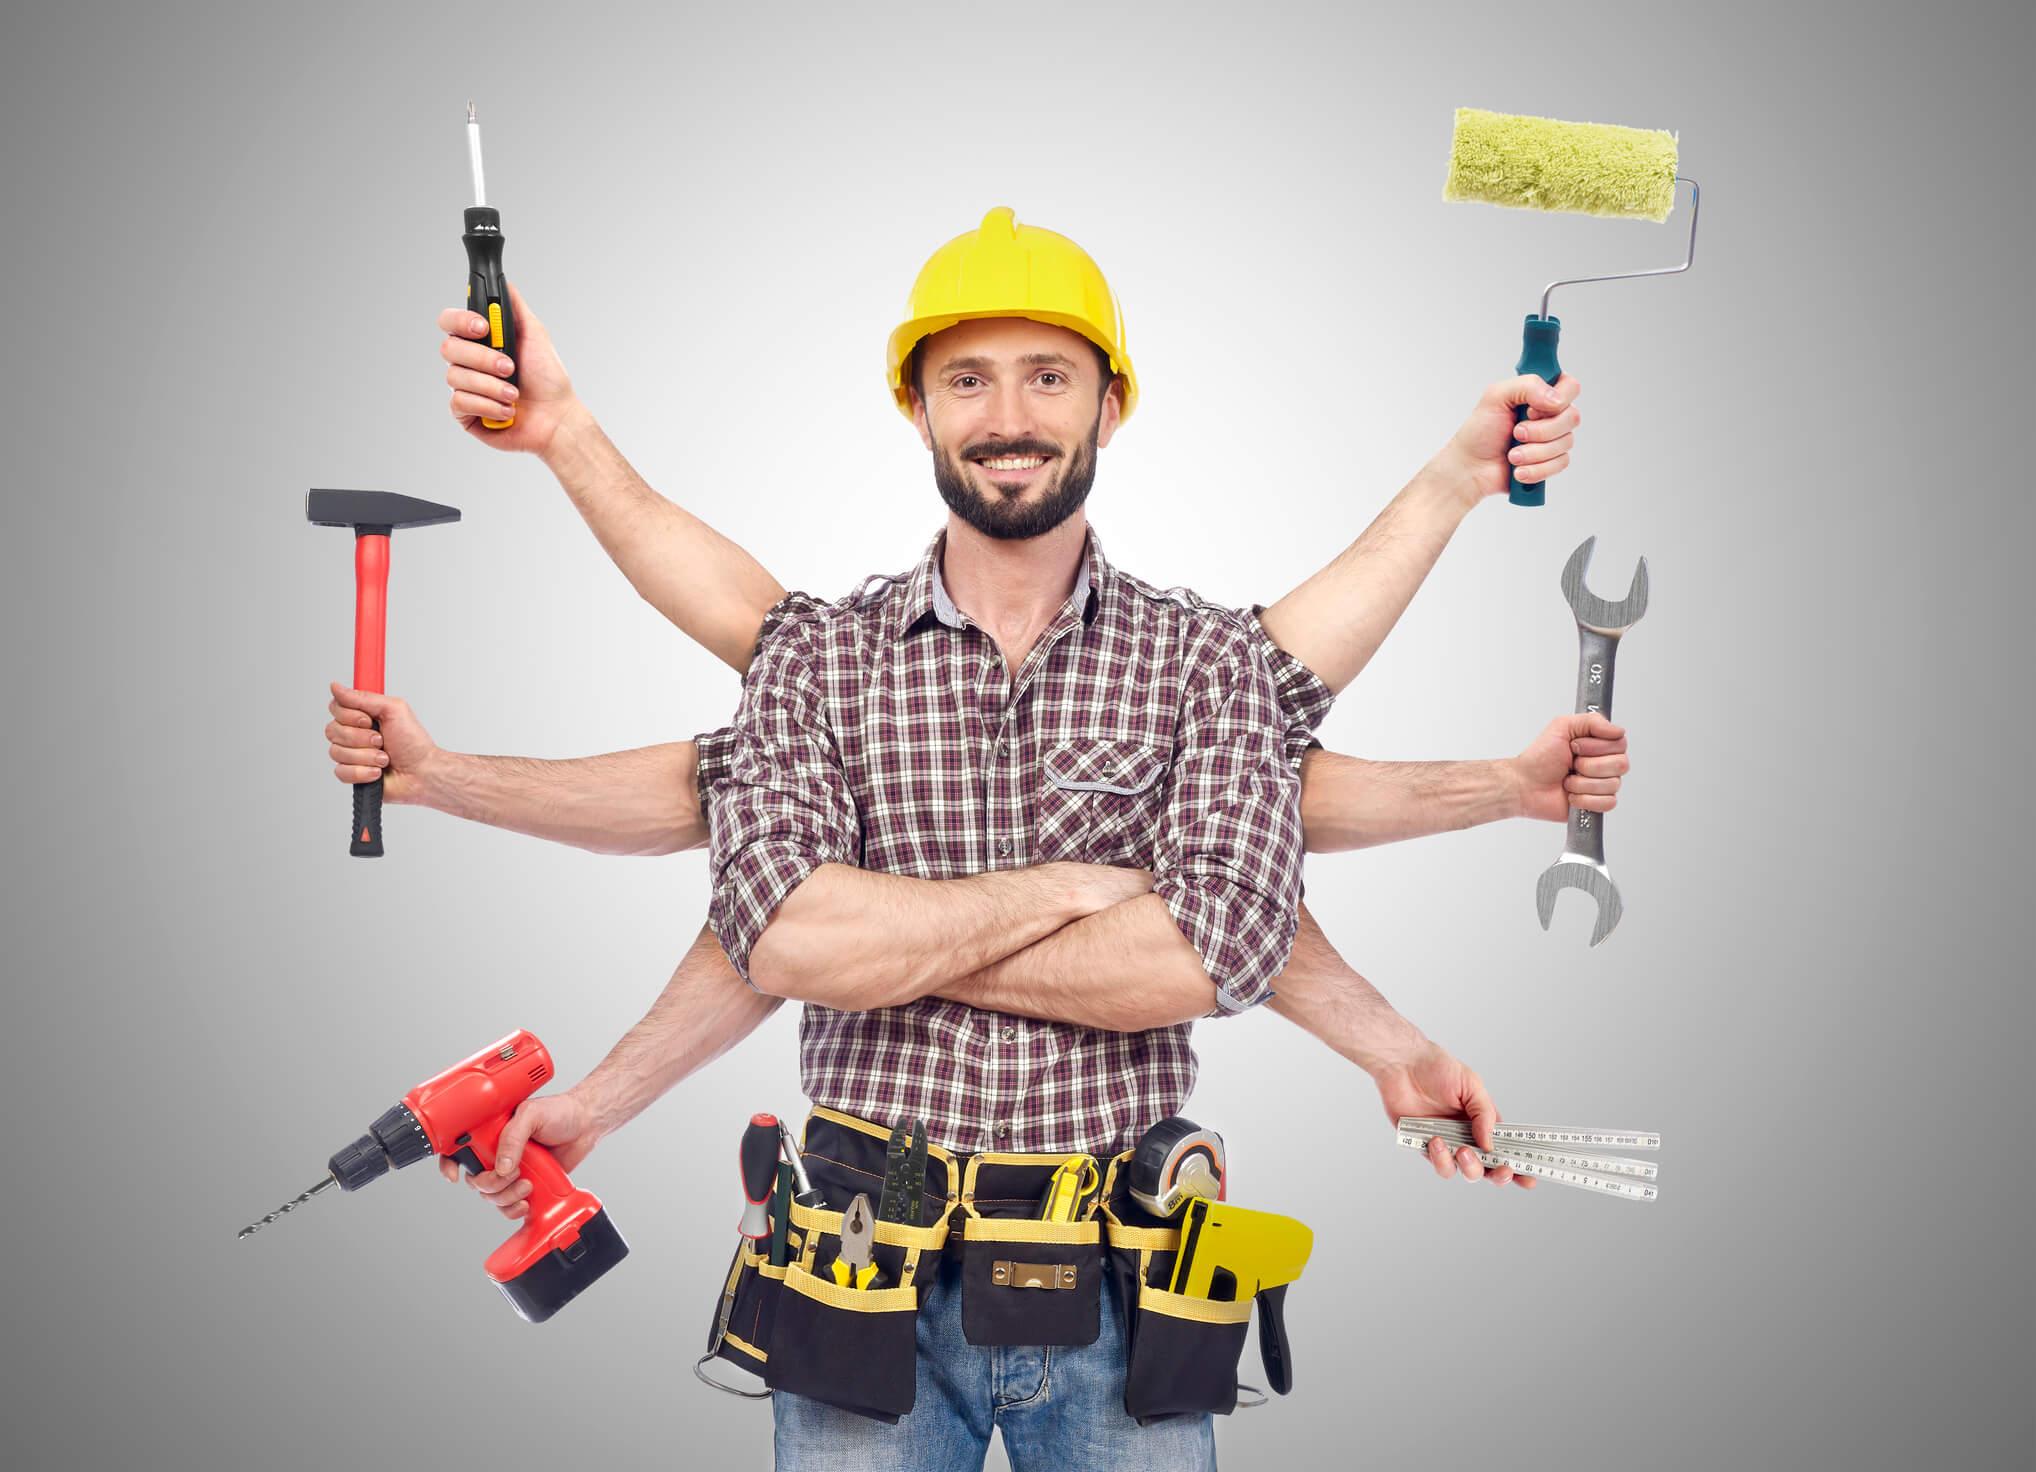 Kiserkraft Handyman Service